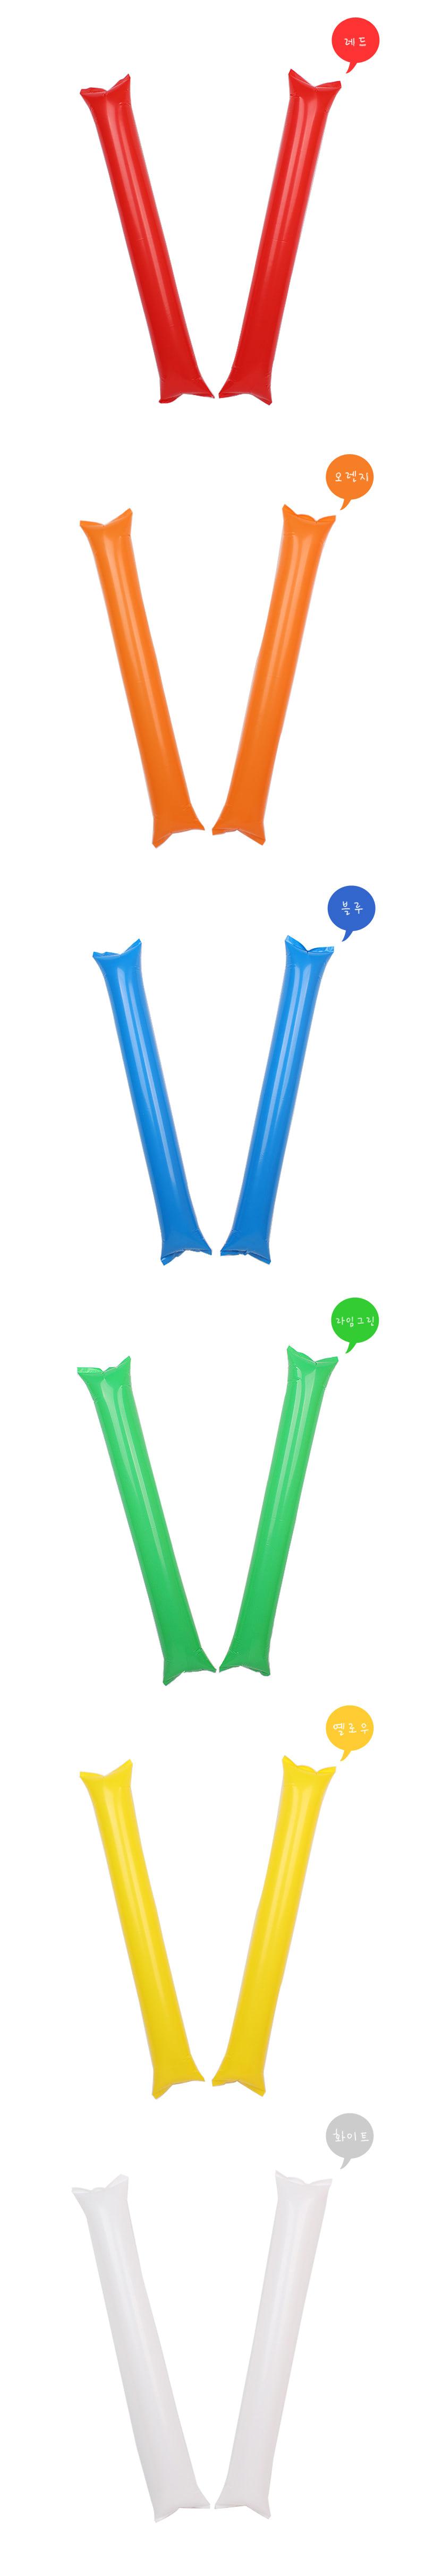 응원용 팡팡막대풍선-블루(1쌍) - 파티해, 300원, 응원용품, 응원용품